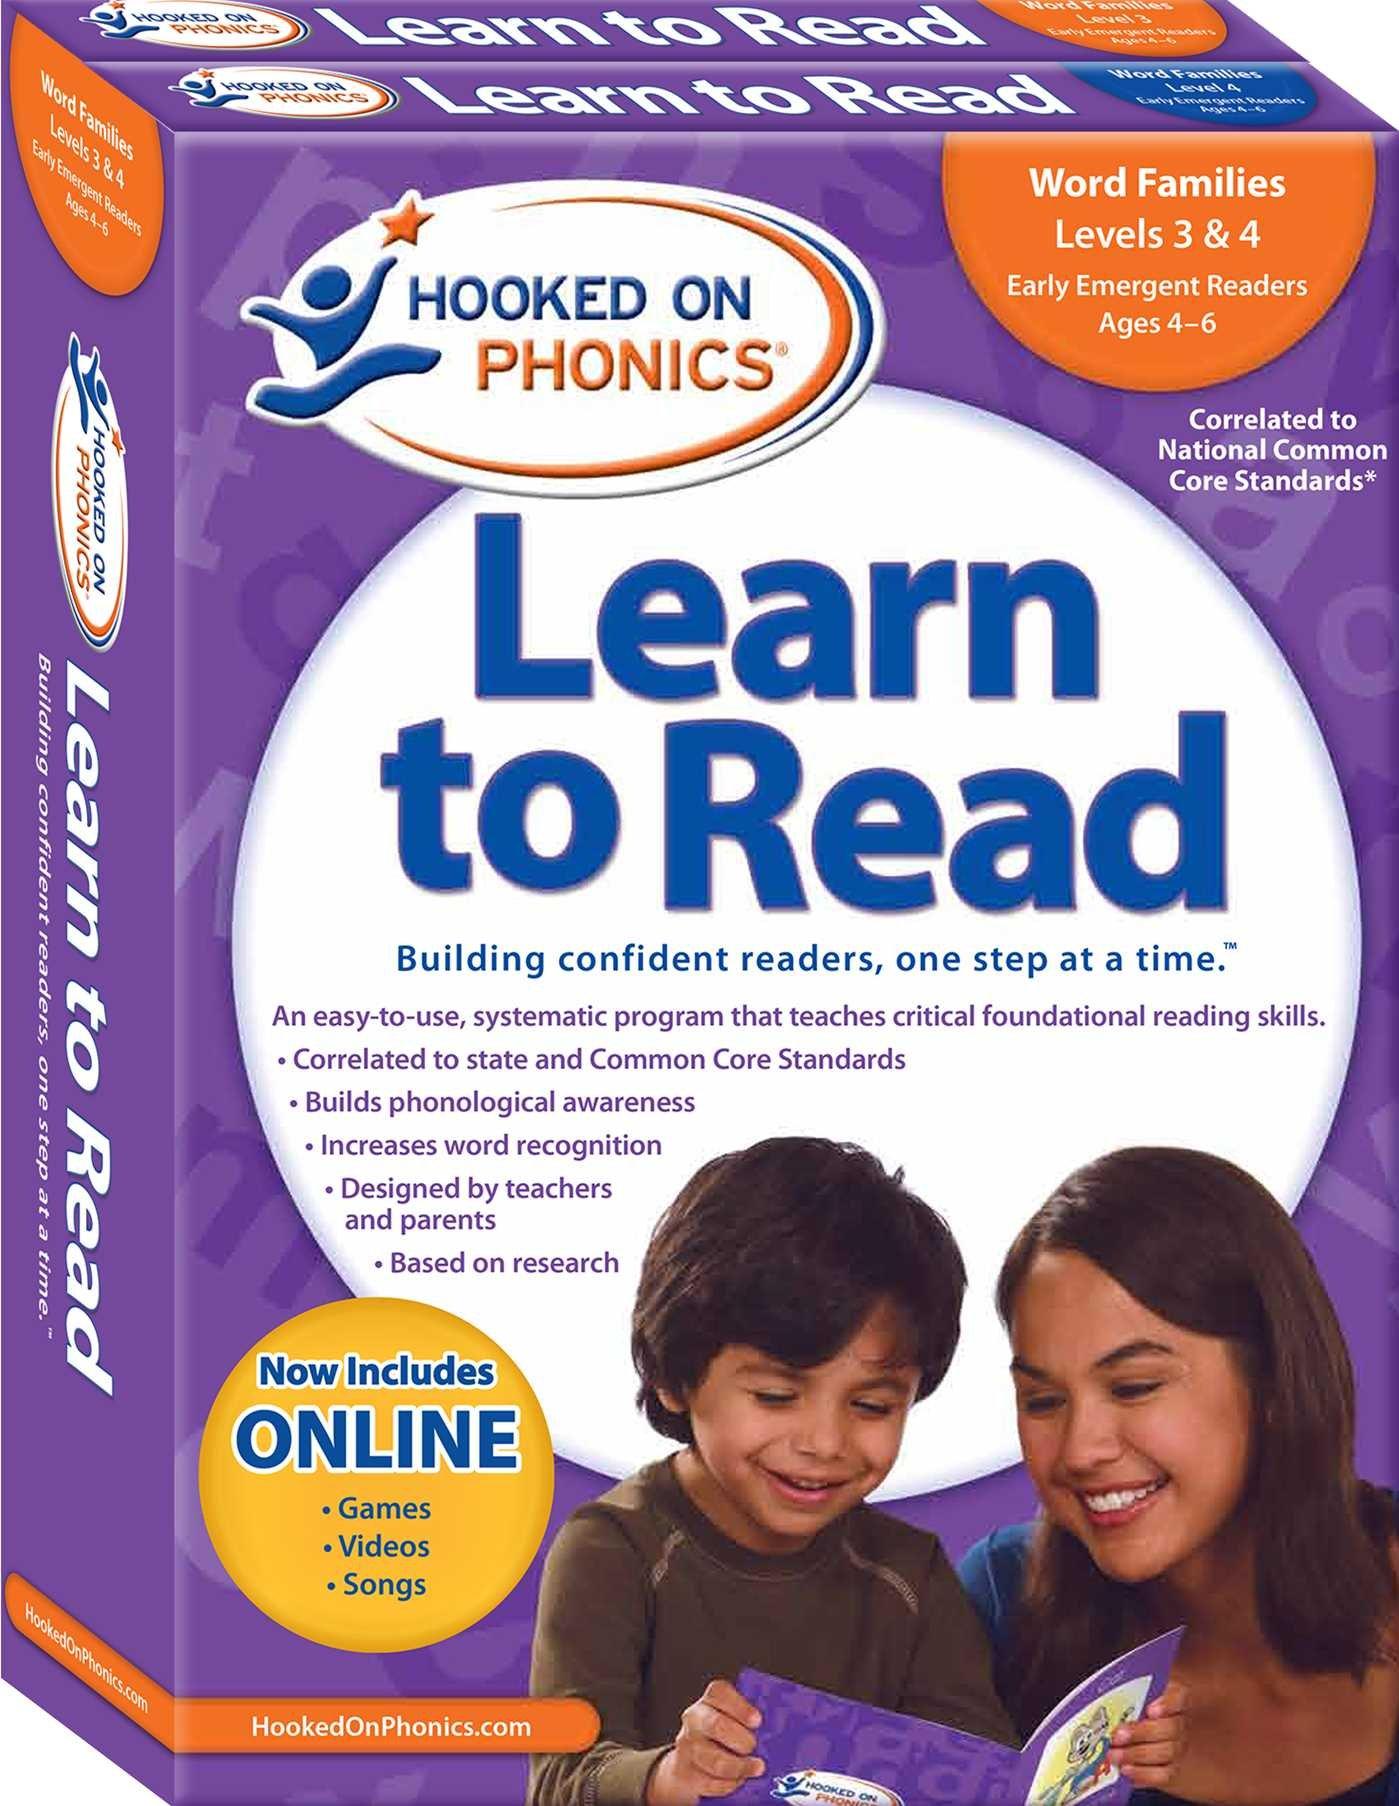 Hooked on Phonics dạy tiếng Anh cho trẻ em theo phương pháp trực quan